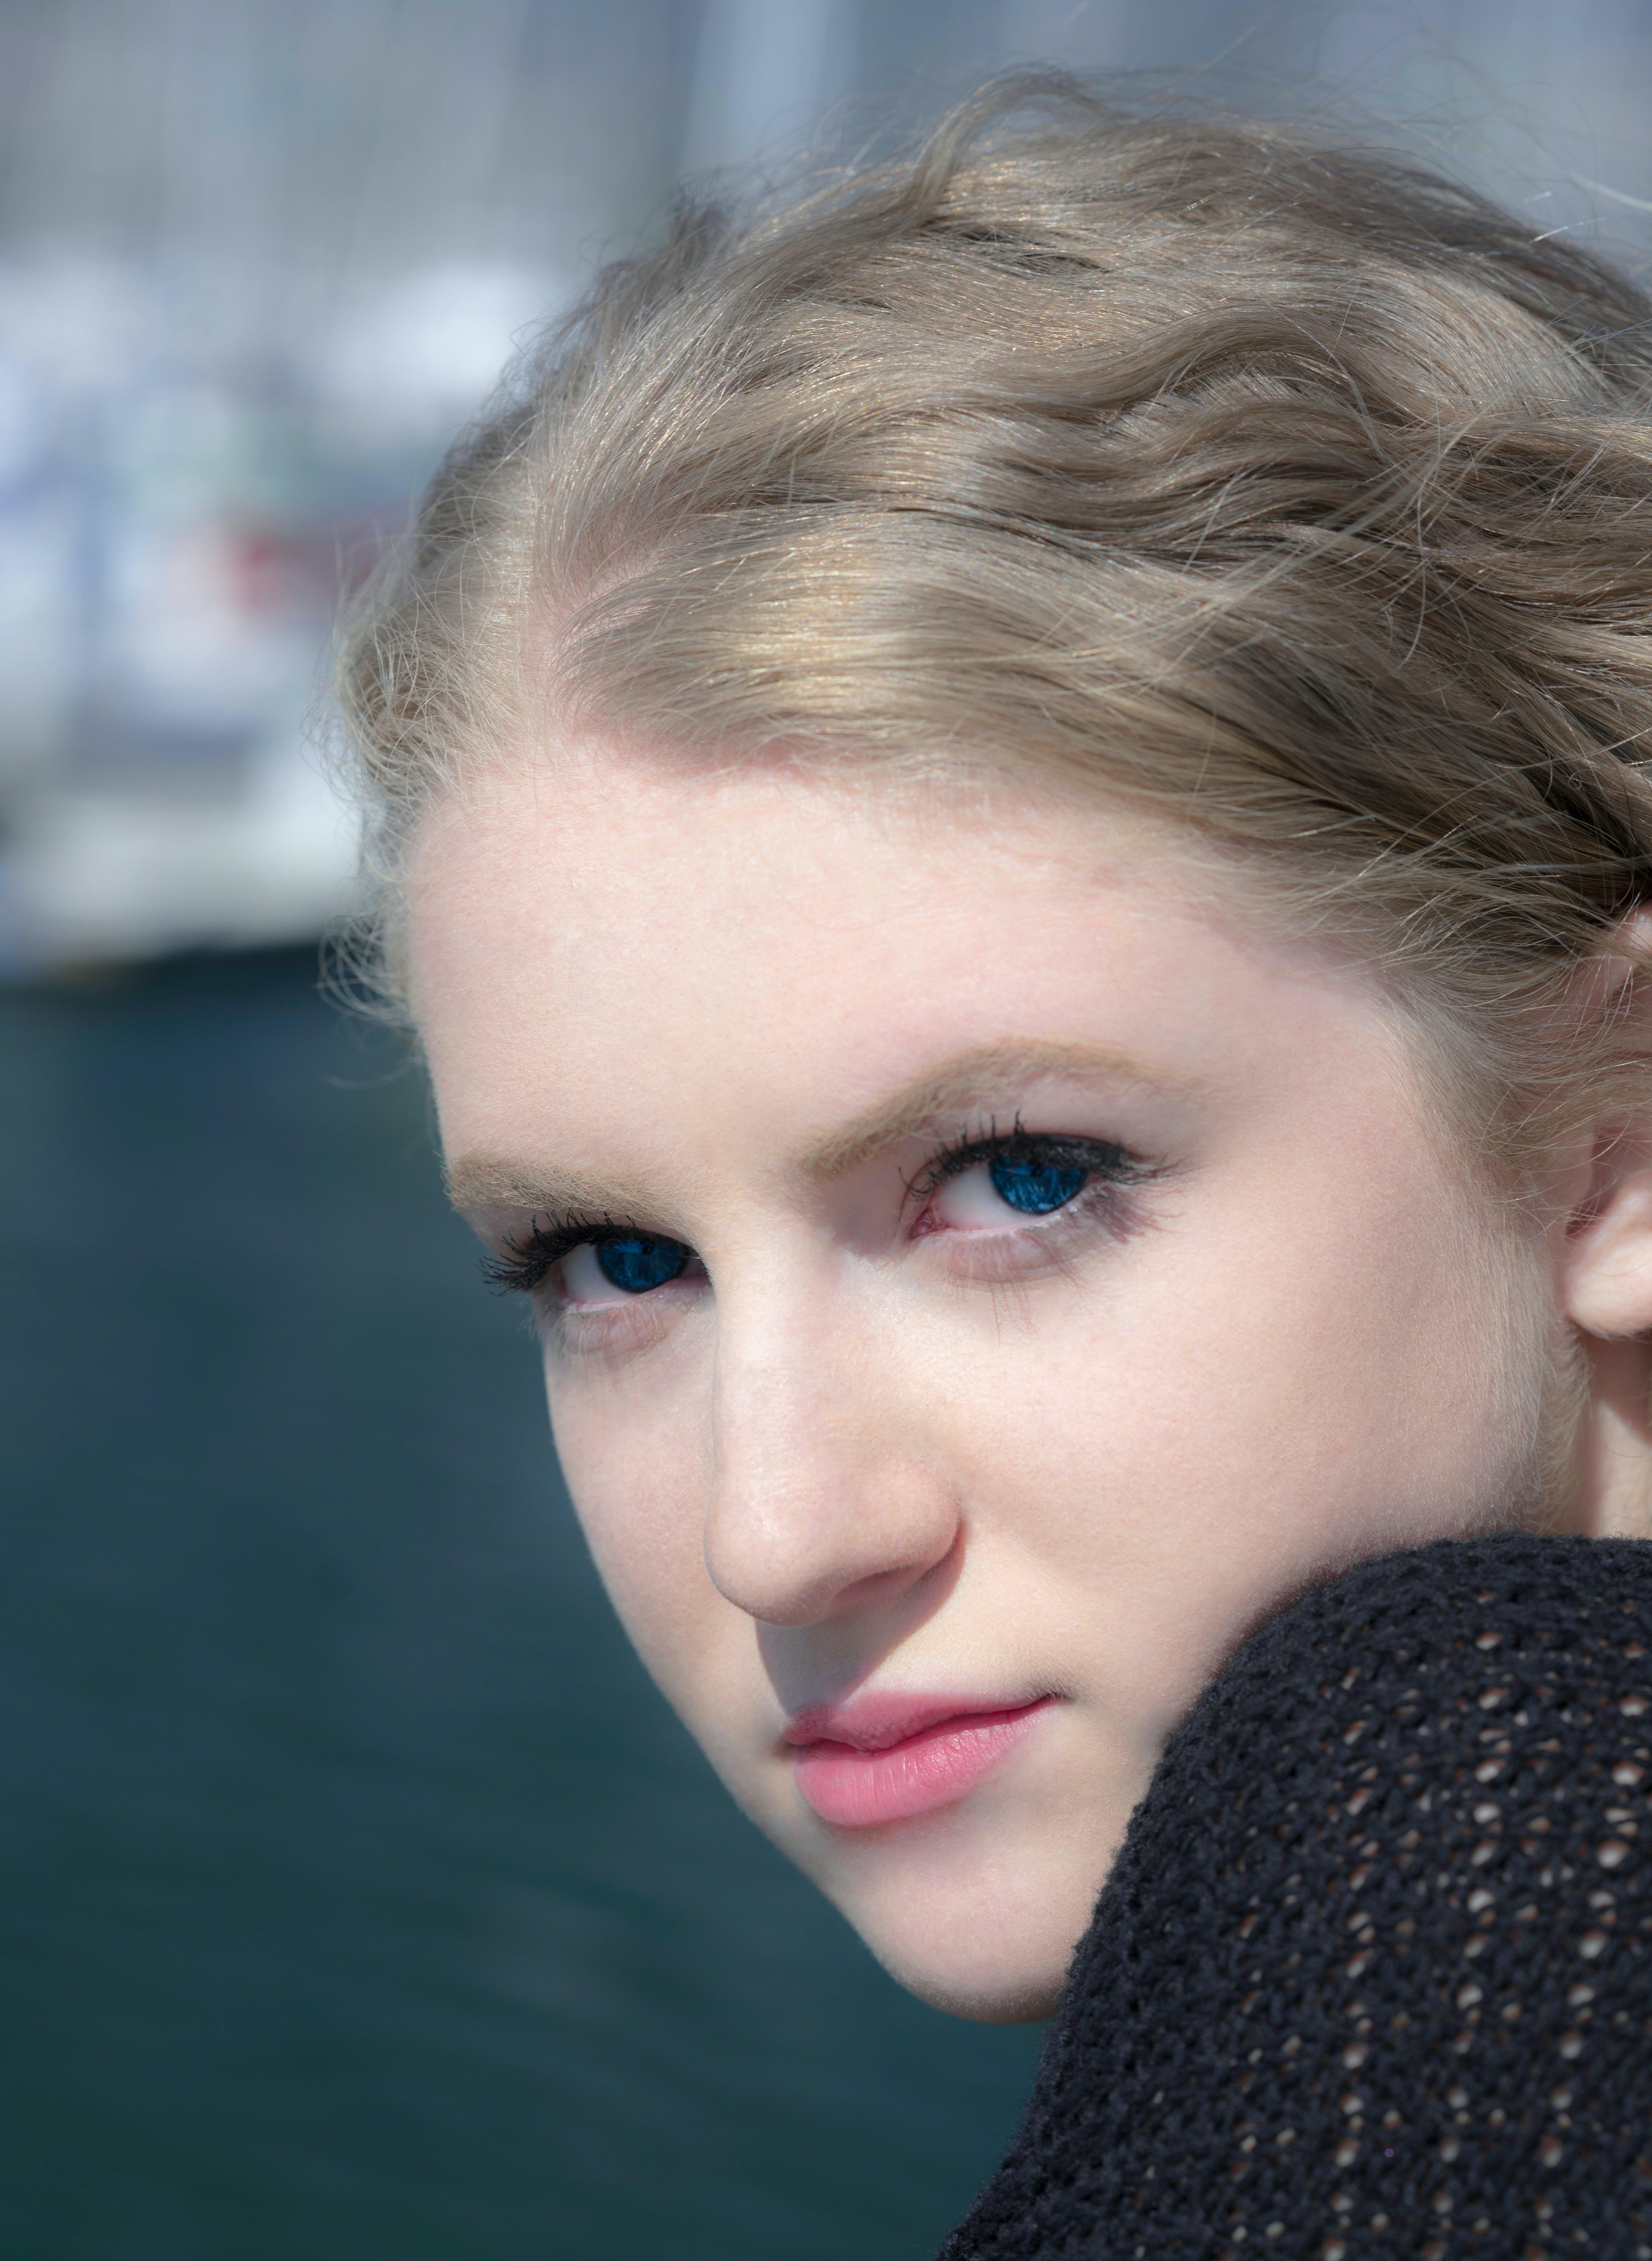 Δωρεάν στοκ φωτογραφιών με κορίτσι, λιμάνι, ξανθός